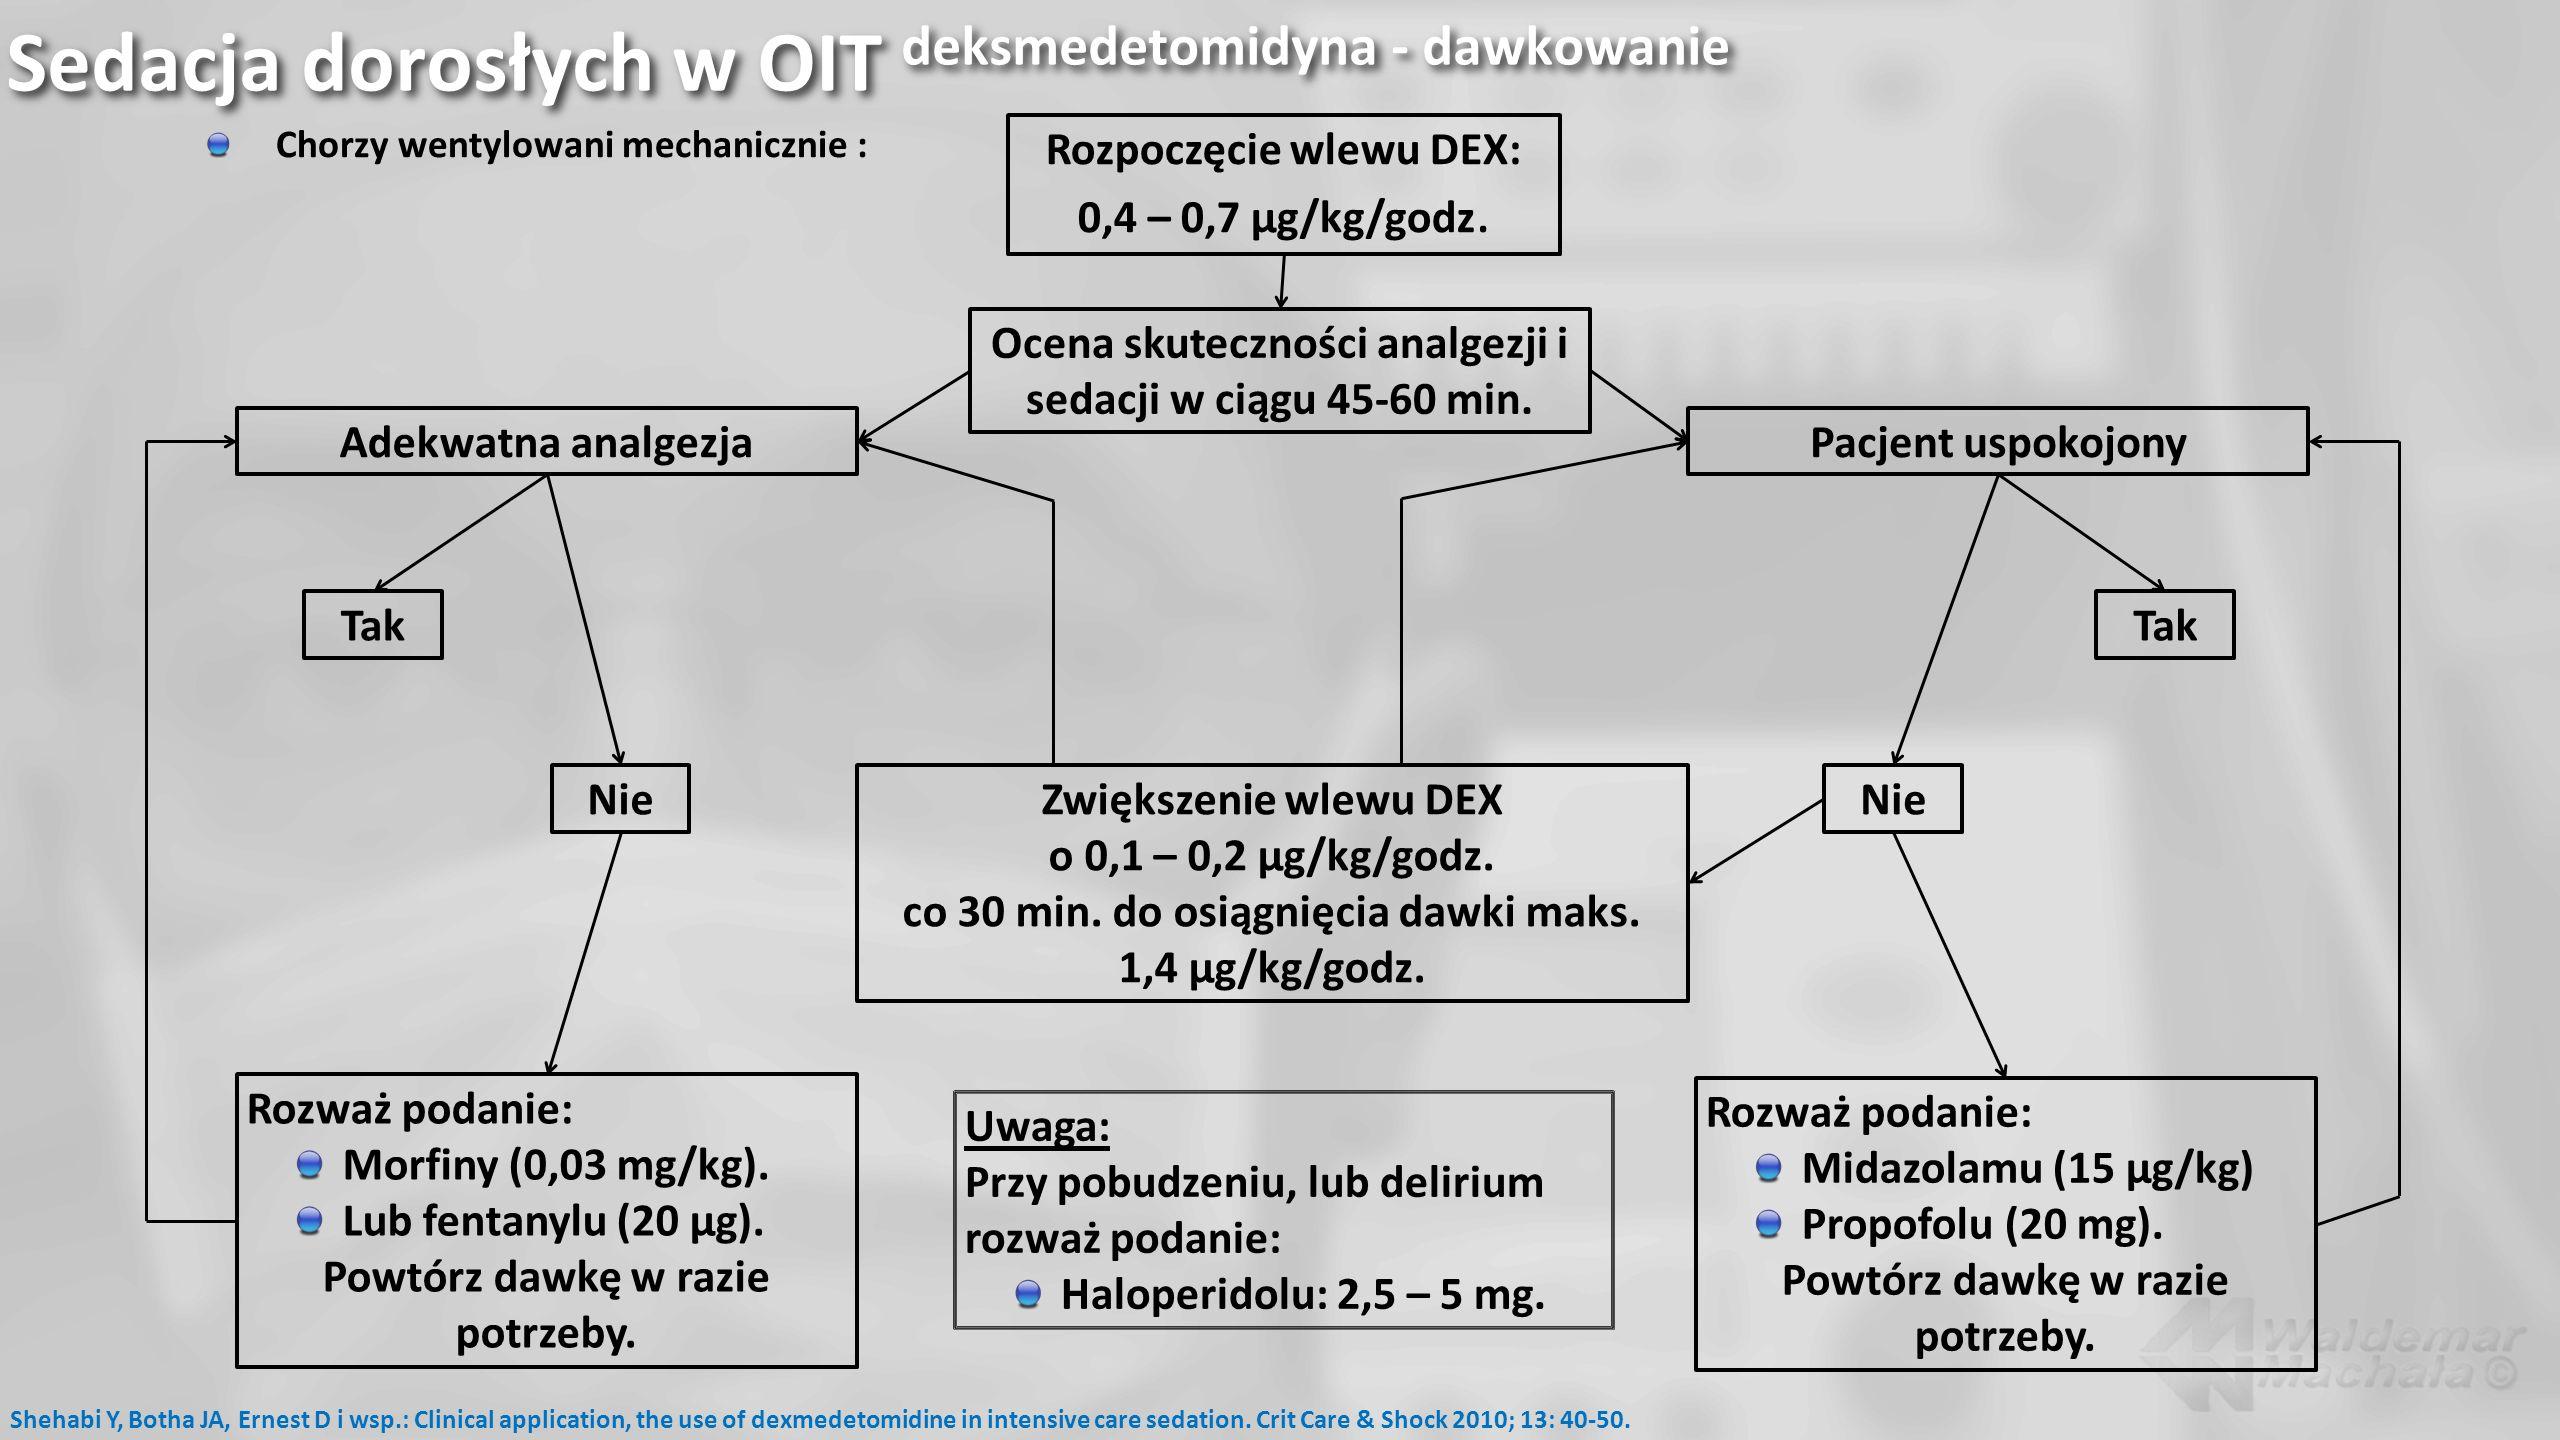 Sedacja dorosłych w OIT deksmedetomidyna - dawkowanie